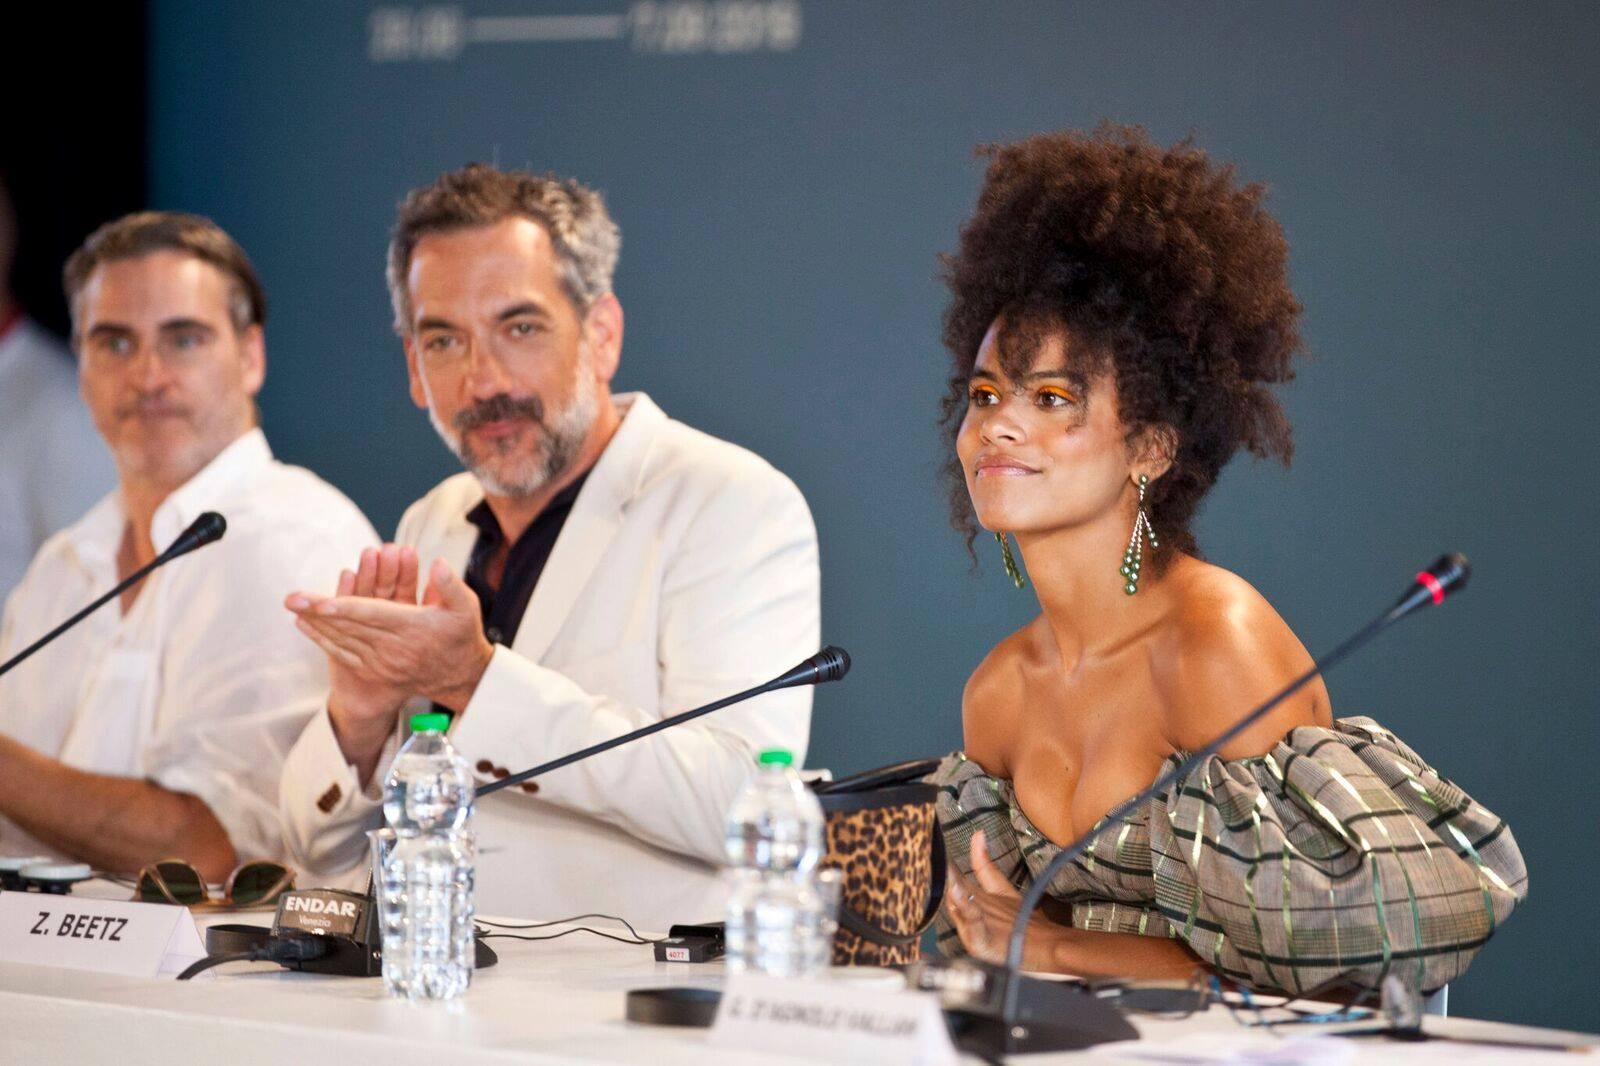 Joaquin Phoenix Zazie Beetz e Todd Phillips Conferenza Stampa per Joker film in concorso al Festival del cinema di Venezia 8